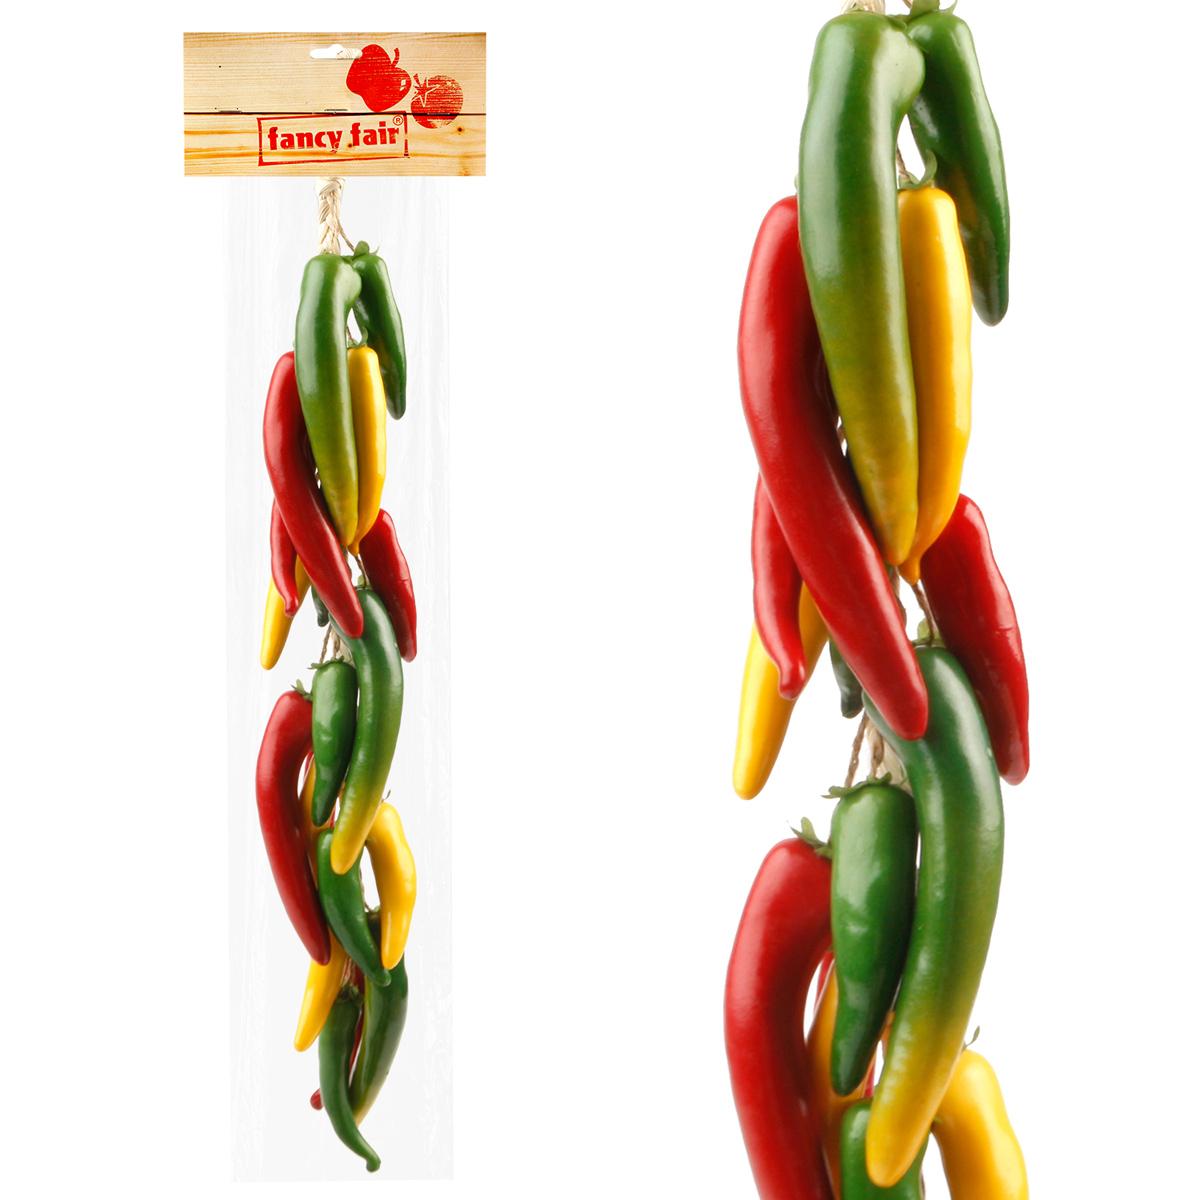 """Муляж Fancy Fair """"Перец чили"""" в связке, цвет: бордовый, зеленый, желтый, длина 60 см"""